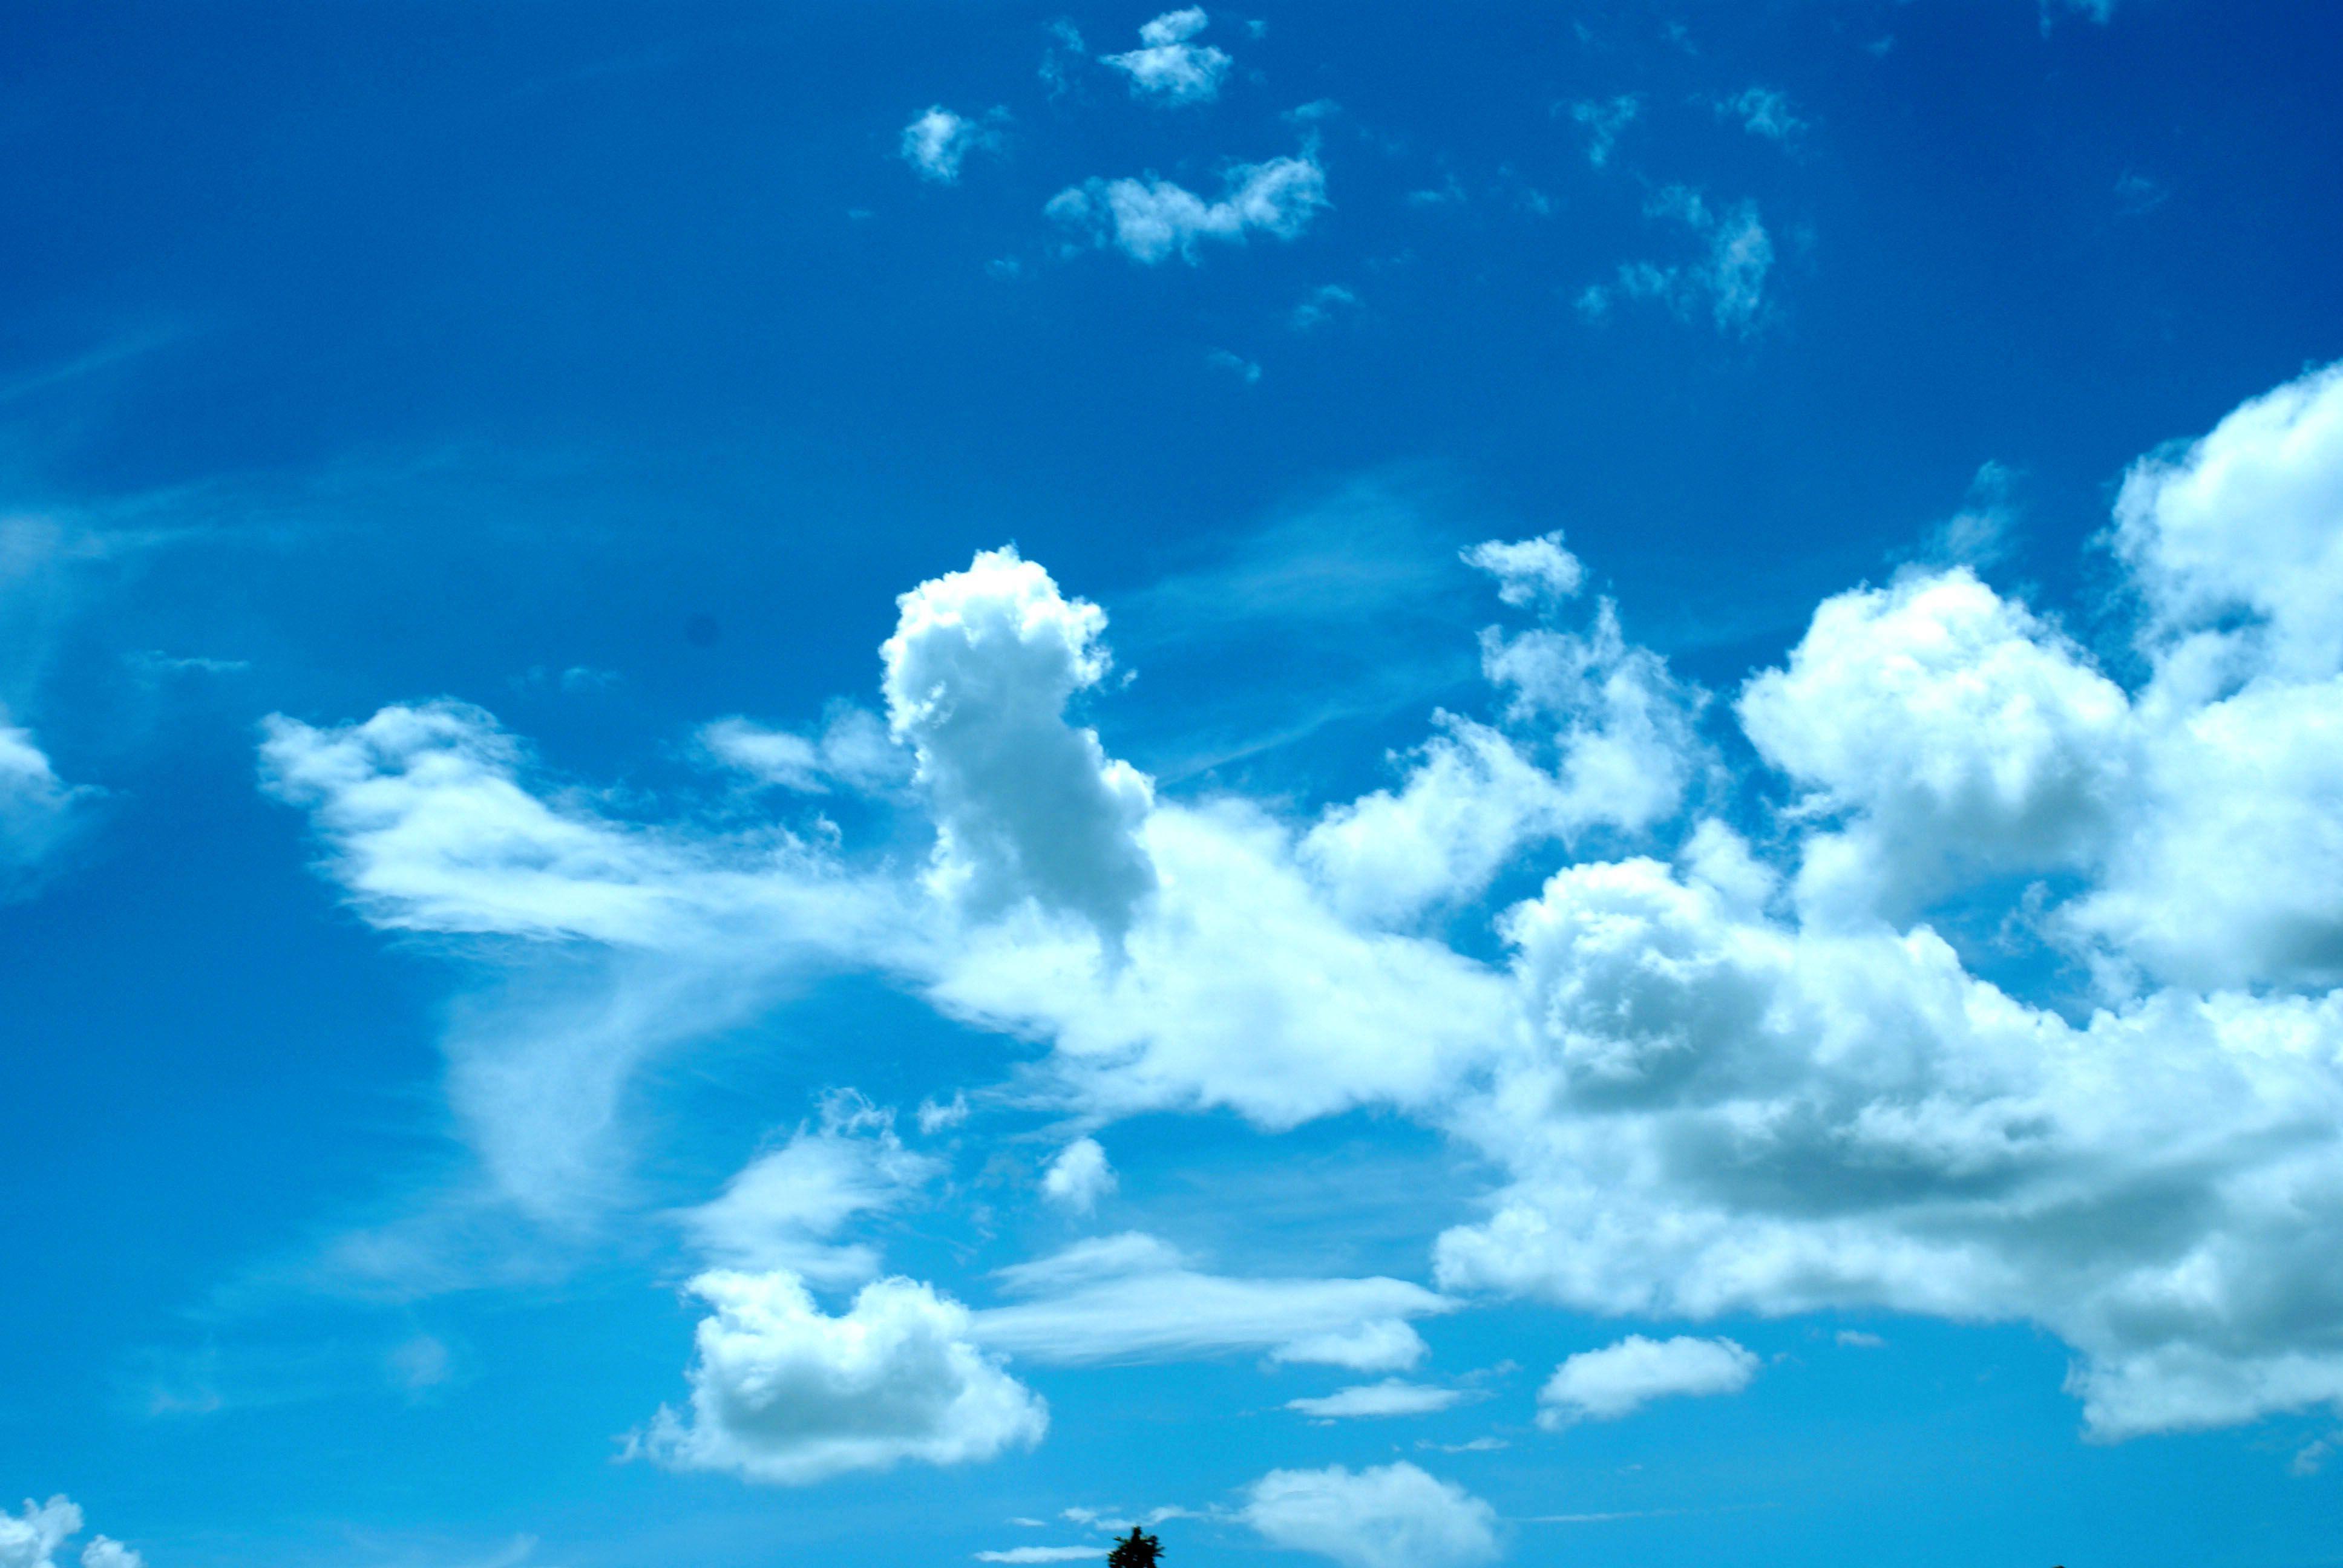 Cloud Desktop Backgrounds 3872x2592